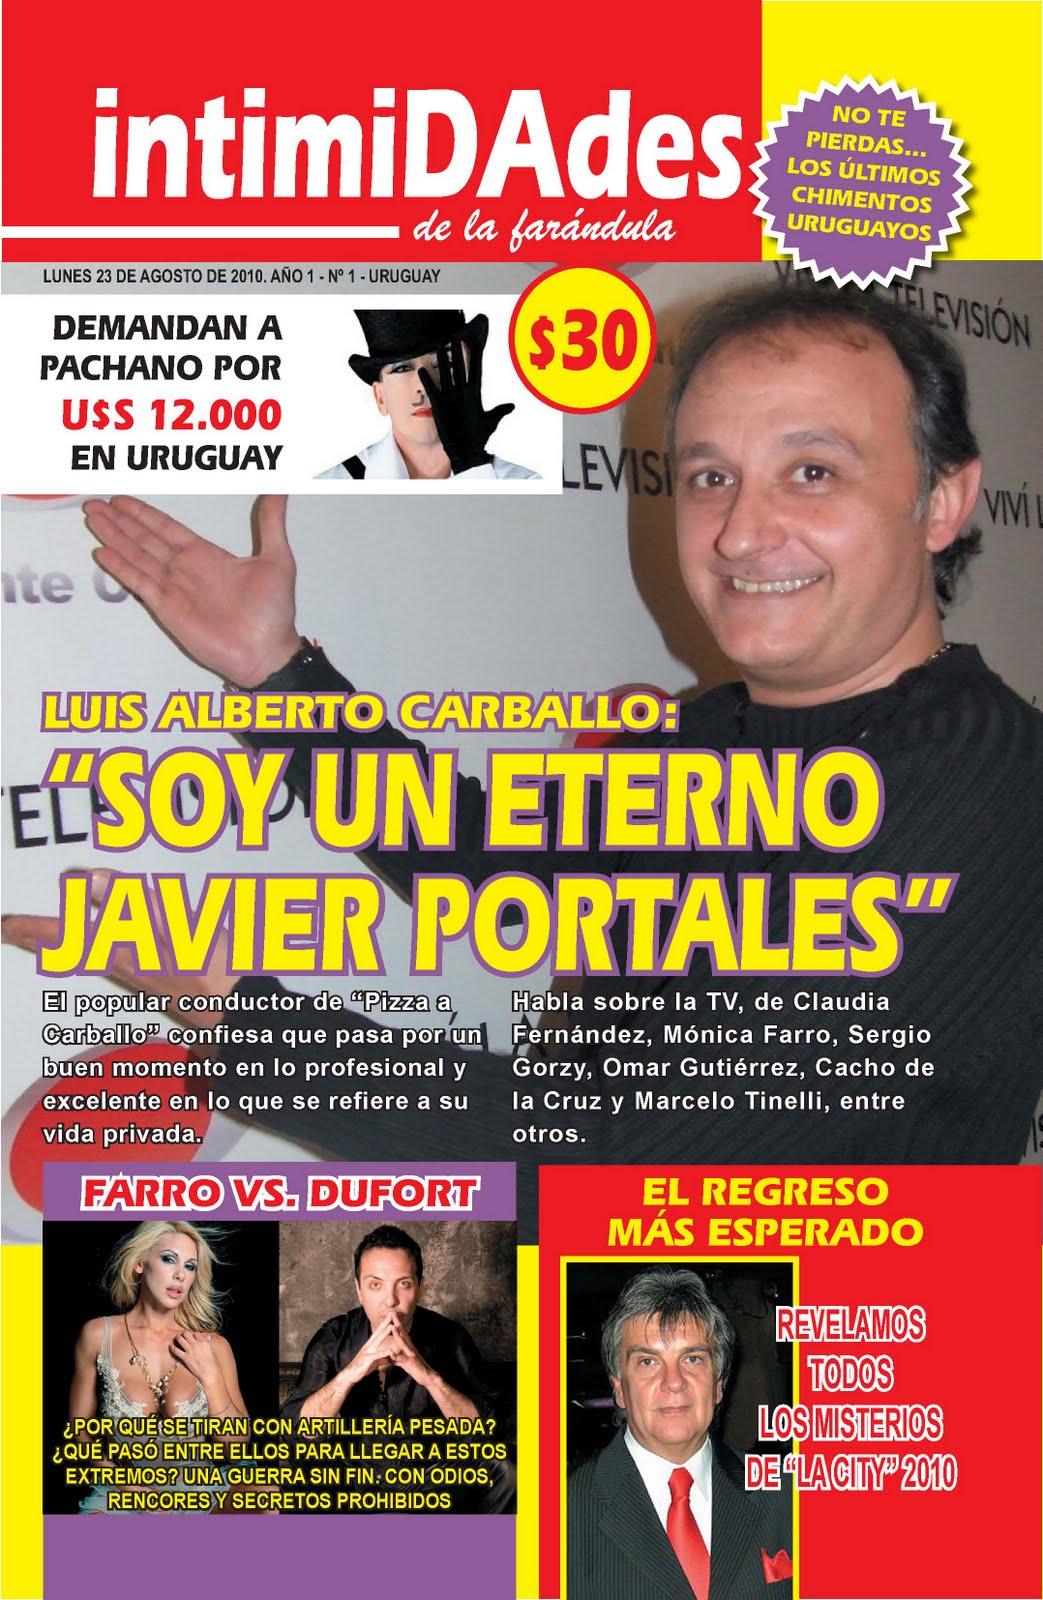 Telemedios intimidades nueva revista de far ndula criolla for Revistas argentinas de farandula